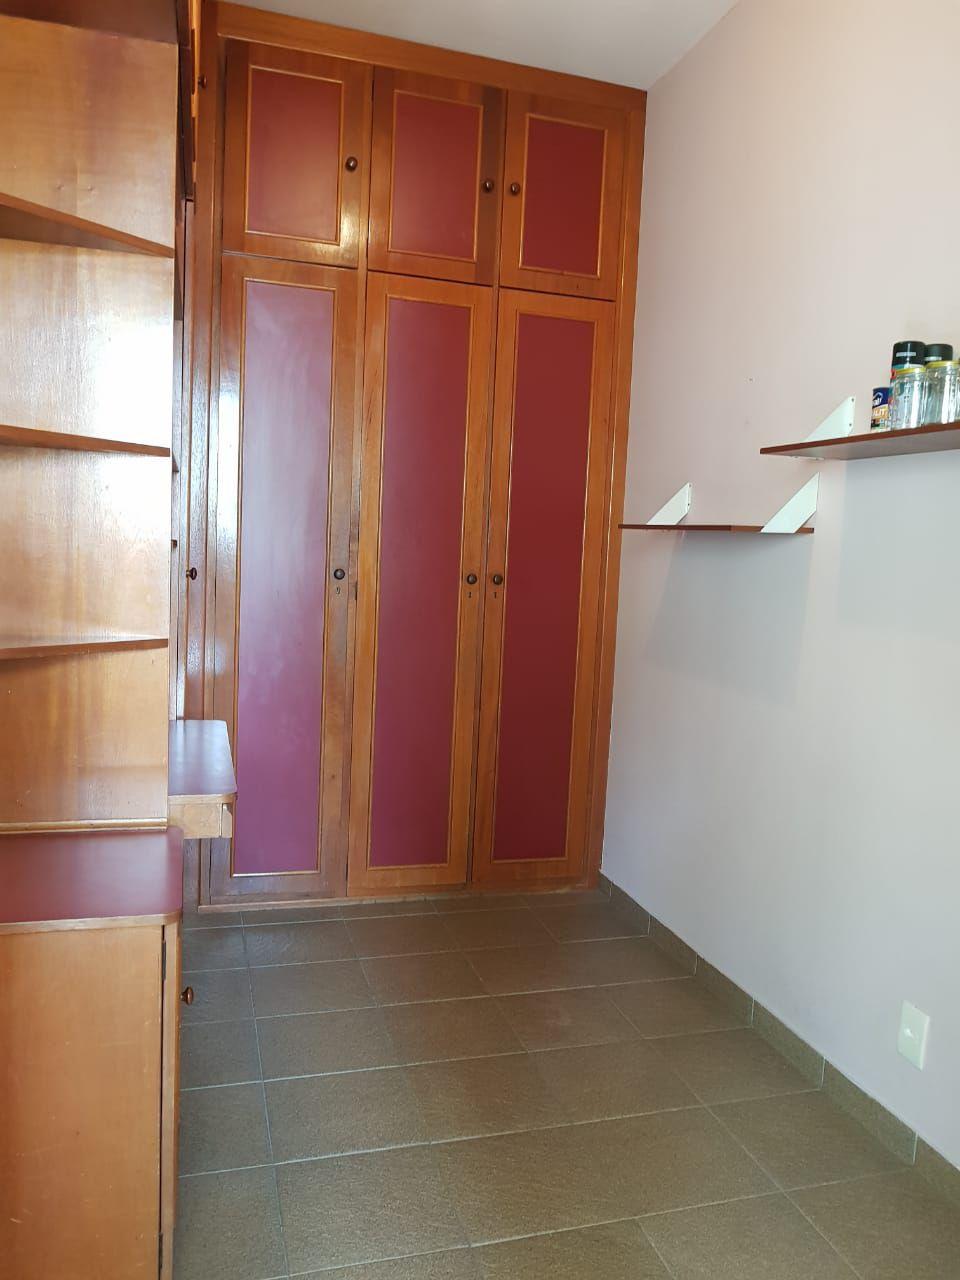 FOTO 10 - Apartamento à venda Rua da Divina Misericórdia,Vila Valqueire, Rio de Janeiro - R$ 790.000 - RF128 - 11